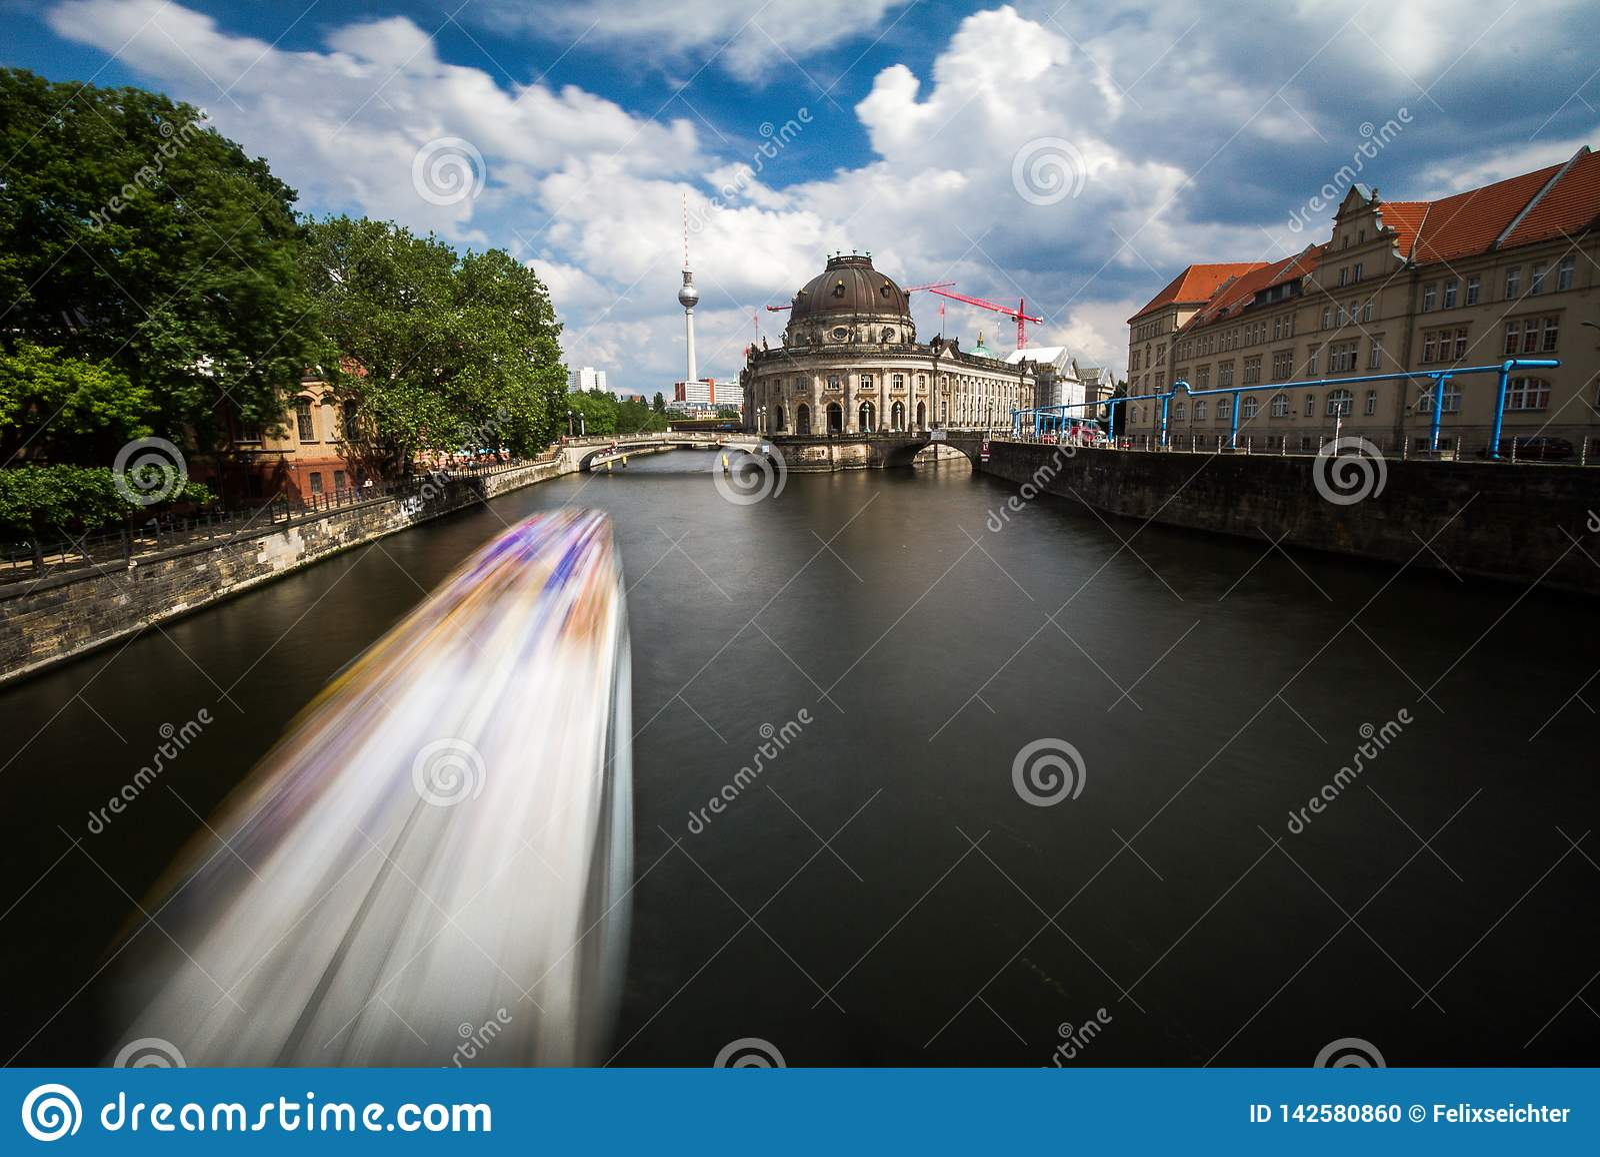 12 8 Belle vue 2018 de BERLIN ALLEMAGNE de site de patrimoine mondial de l UNESCO Museumsinsel (île de musée) avec le bateau d ex